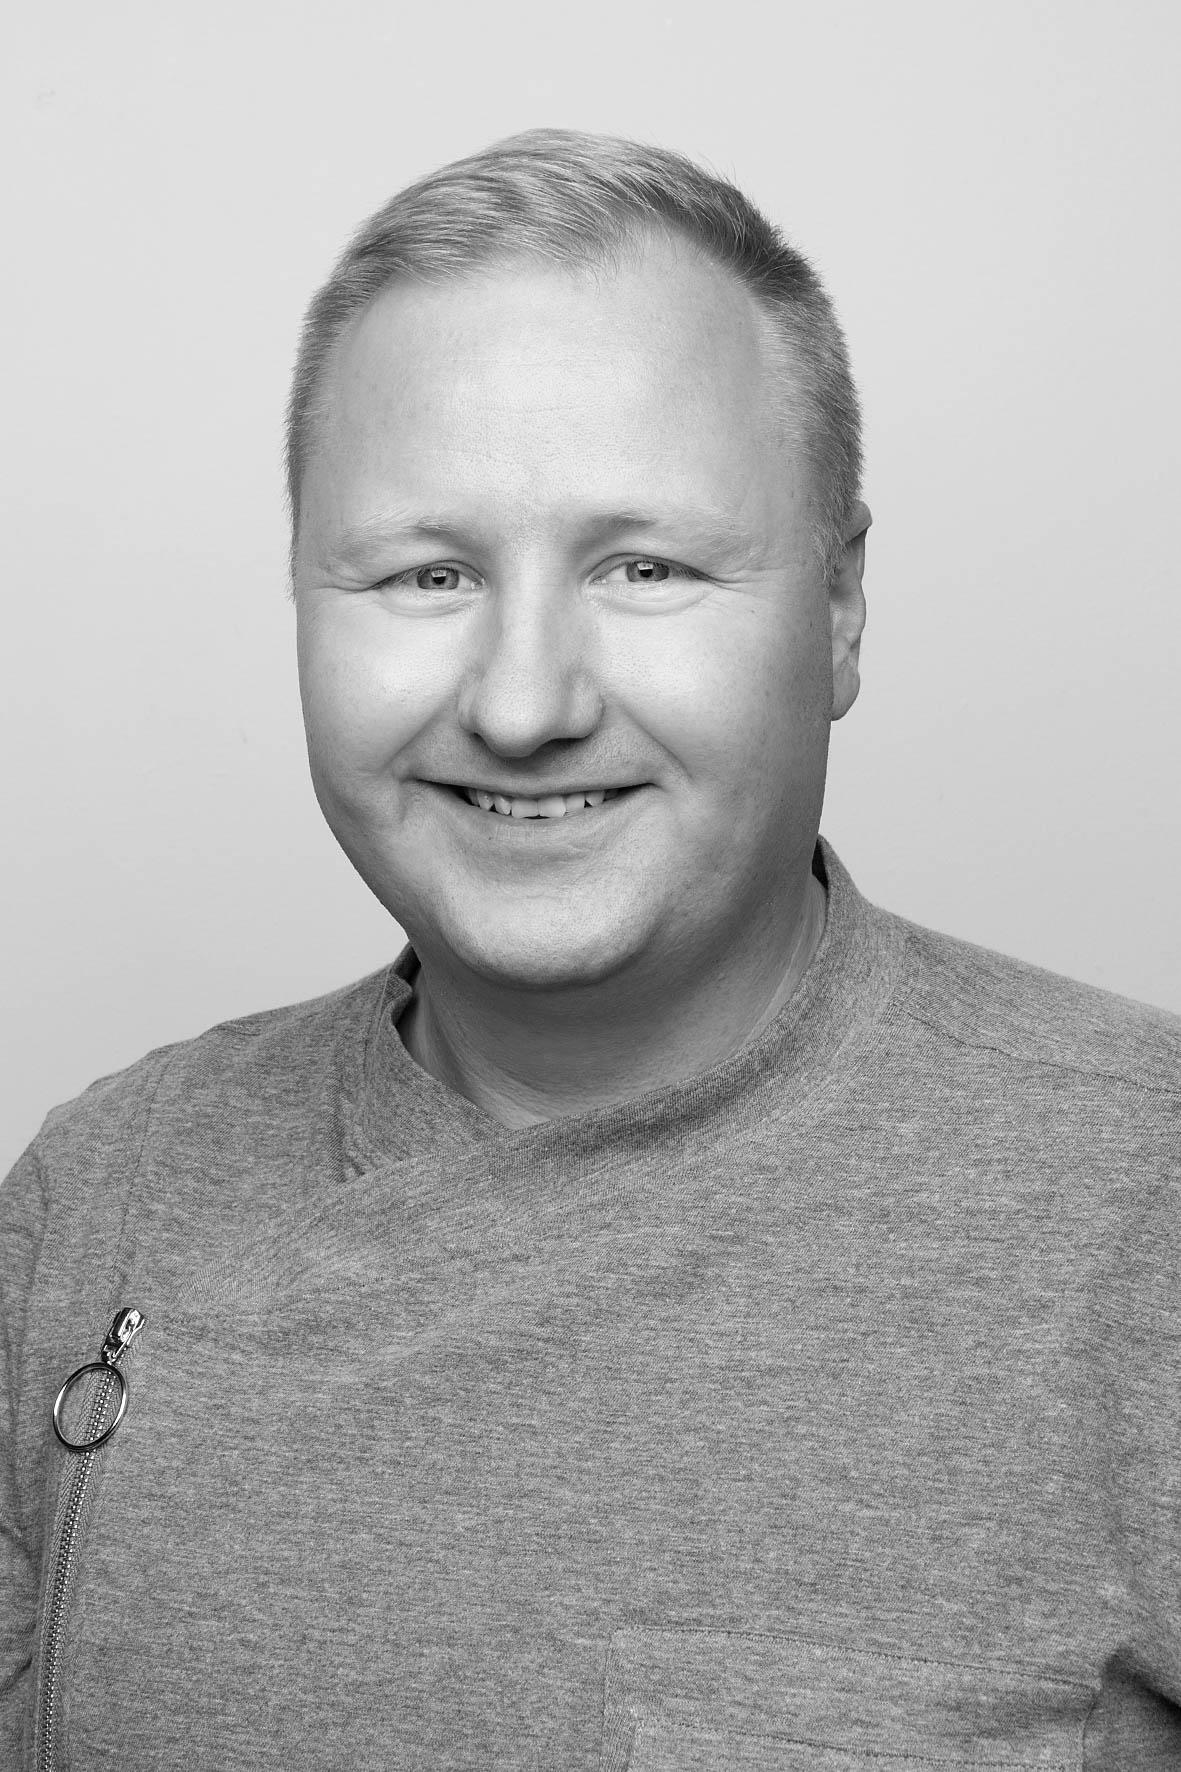 Jökull Viðar Harðarson